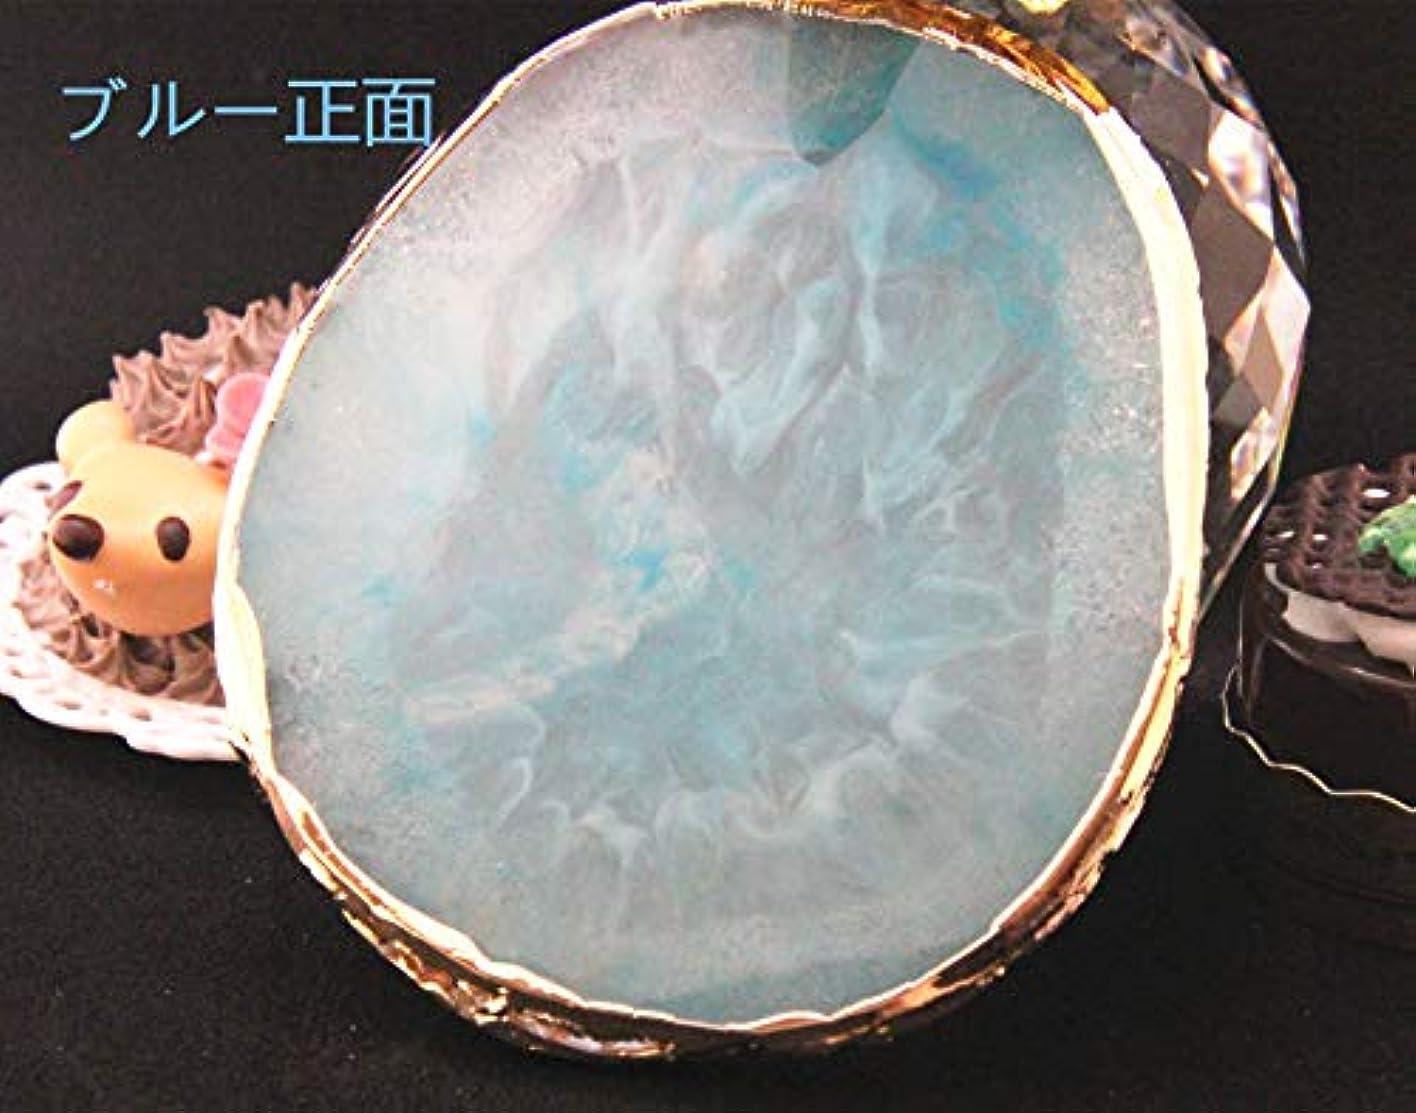 精神迫害現れる003501Glitter Powderジェルネイル ブルー ネイル ジェルネイル パレット プレート ディスプレイ 天然石風 展示用 アゲートプレート デコ アクセサリー ジェルネイル (ブルー)